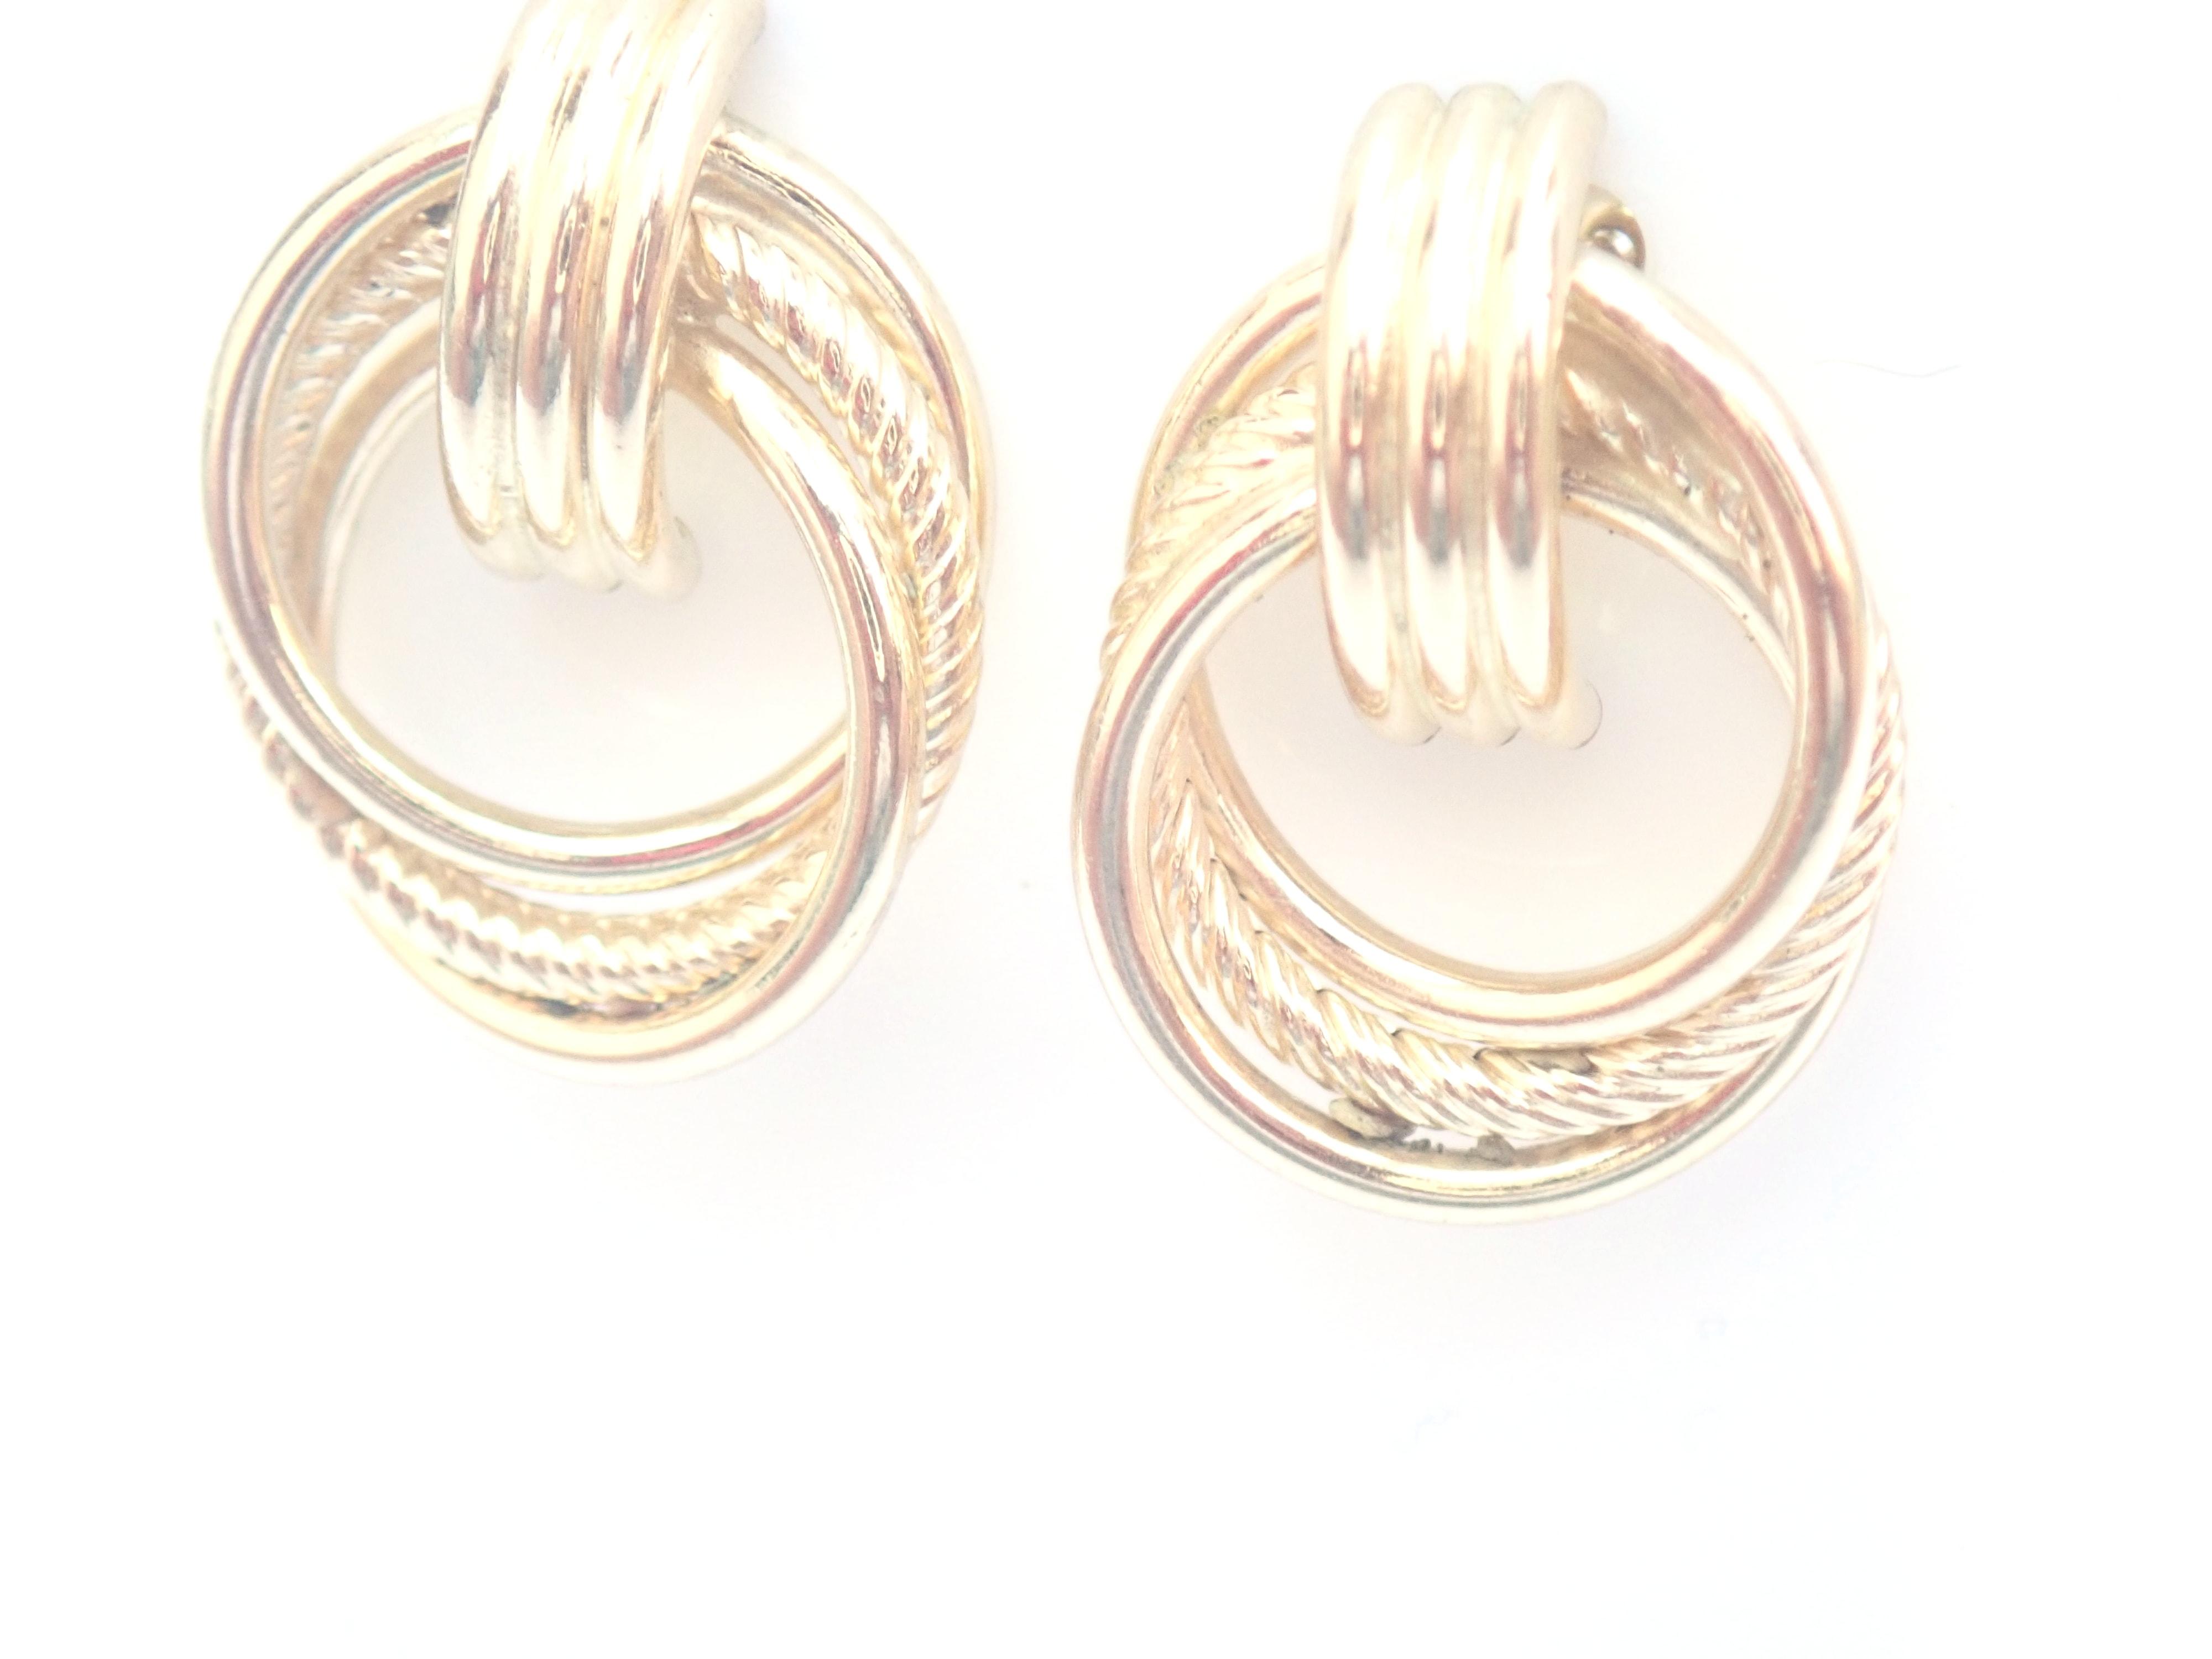 AZZ00486 - 9k 375 Yellow Gold Knot Dangly - Stud Earrings 1.8g #30